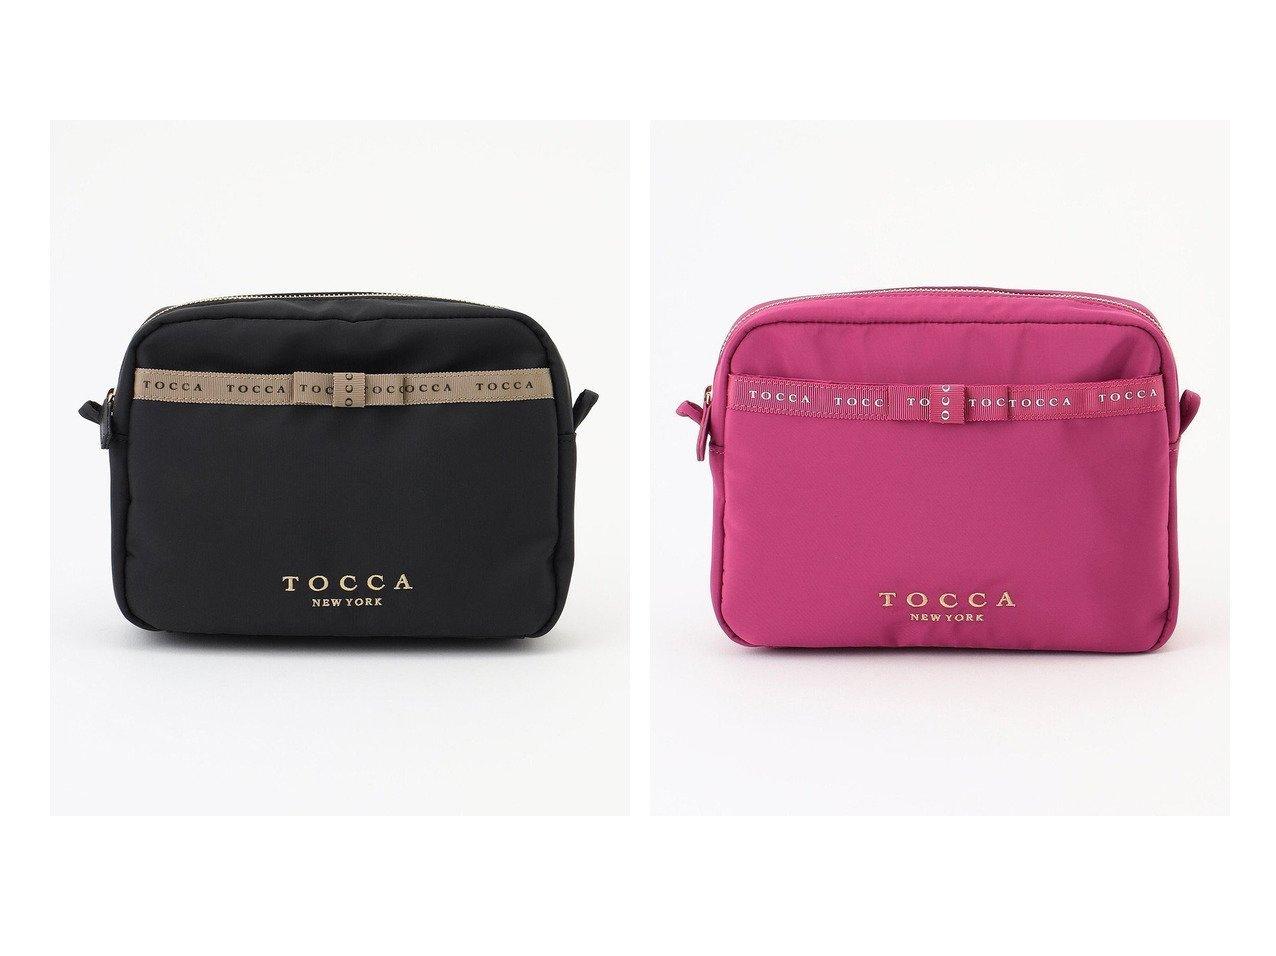 【TOCCA/トッカ】のLOGO RIBBON BAG IN POUCH バッグインポーチ 【バッグ・鞄】おすすめ!人気、トレンド・レディースファッションの通販 おすすめで人気の流行・トレンド、ファッションの通販商品 インテリア・家具・メンズファッション・キッズファッション・レディースファッション・服の通販 founy(ファニー) https://founy.com/ ファッション Fashion レディースファッション WOMEN 財布 Wallets ポーチ Pouches 送料無料 Free Shipping シンプル フォルム ポケット ポーチ リボン 財布 |ID:crp329100000049440